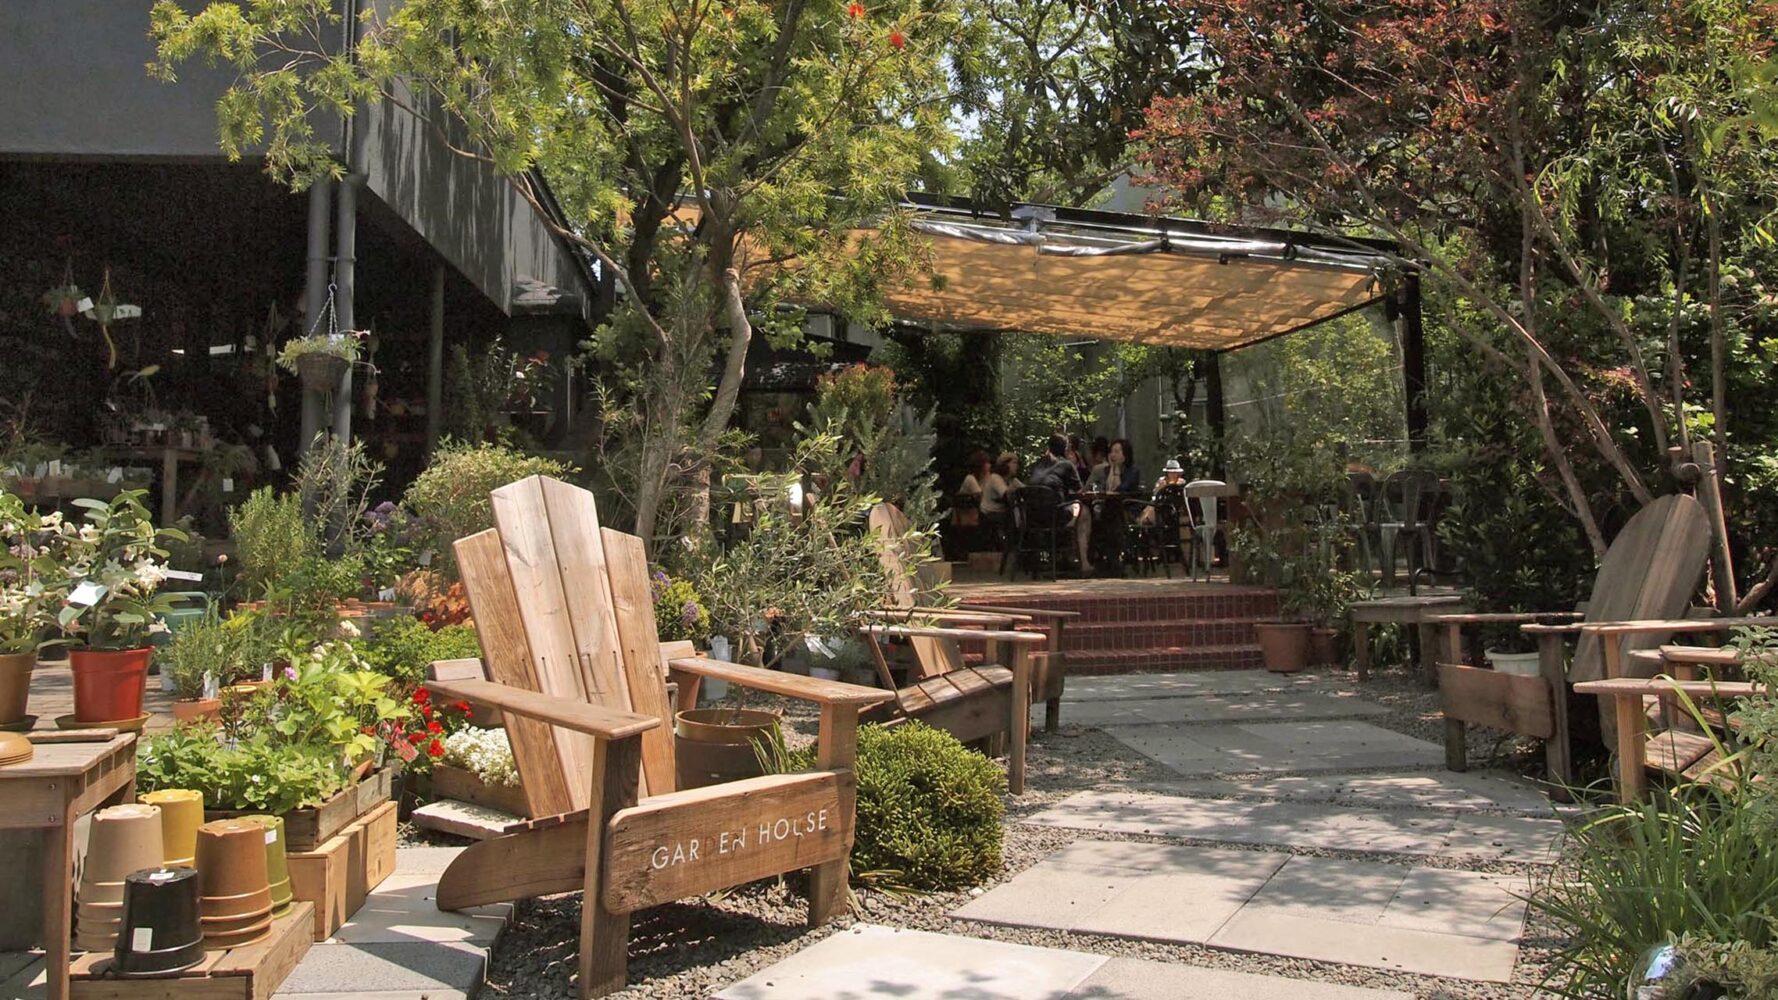 GARDEN HOUSE kamakura 事例画像